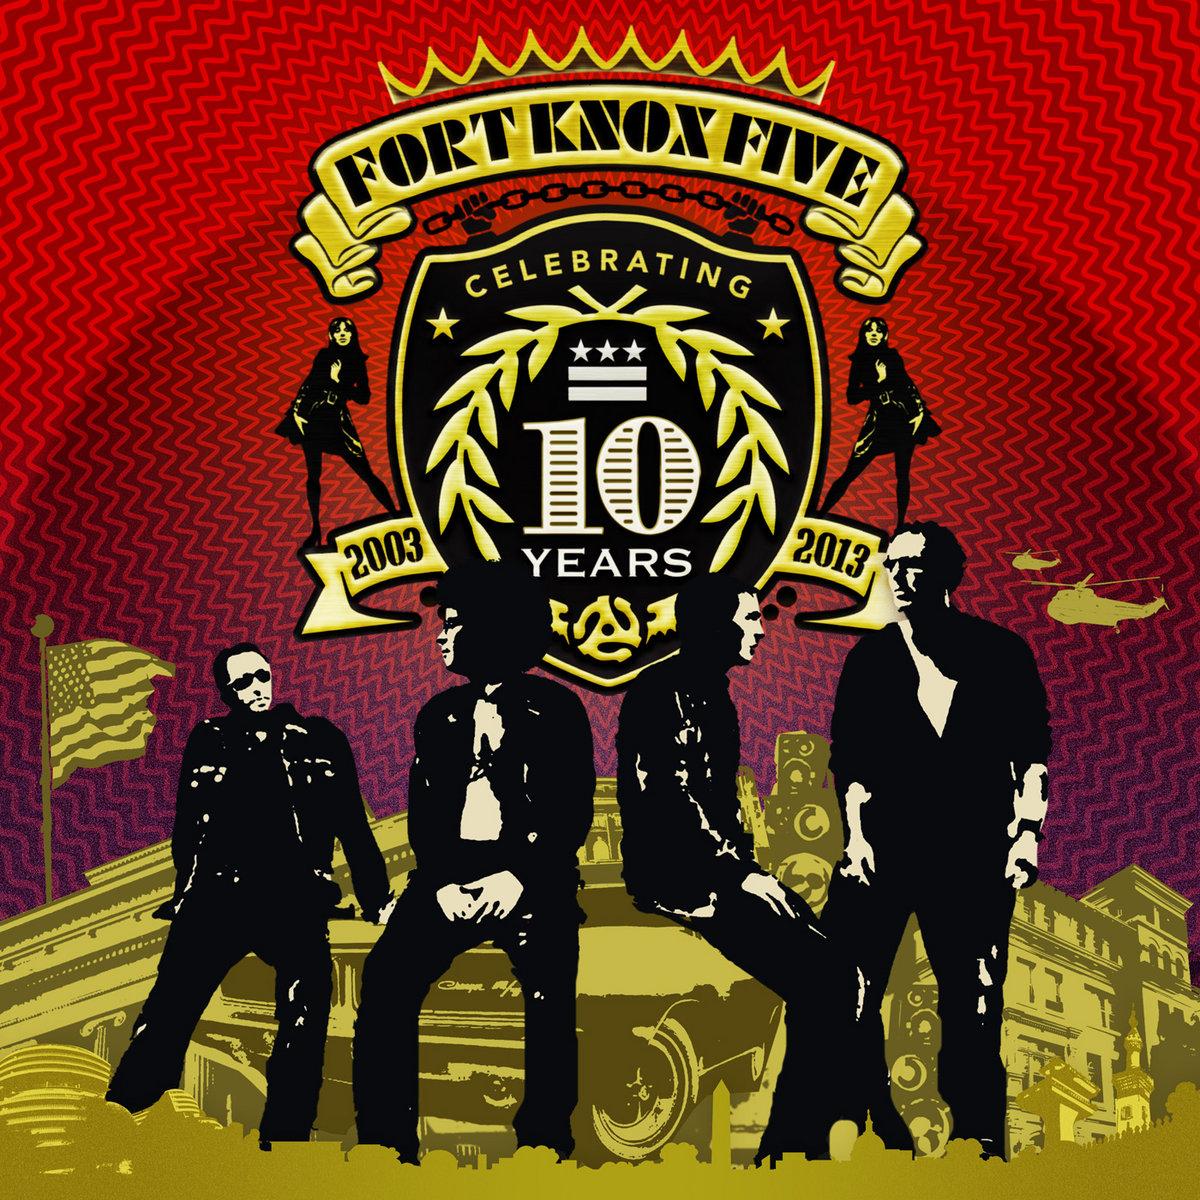 Resultado de imagen de 10 years of fort knox five